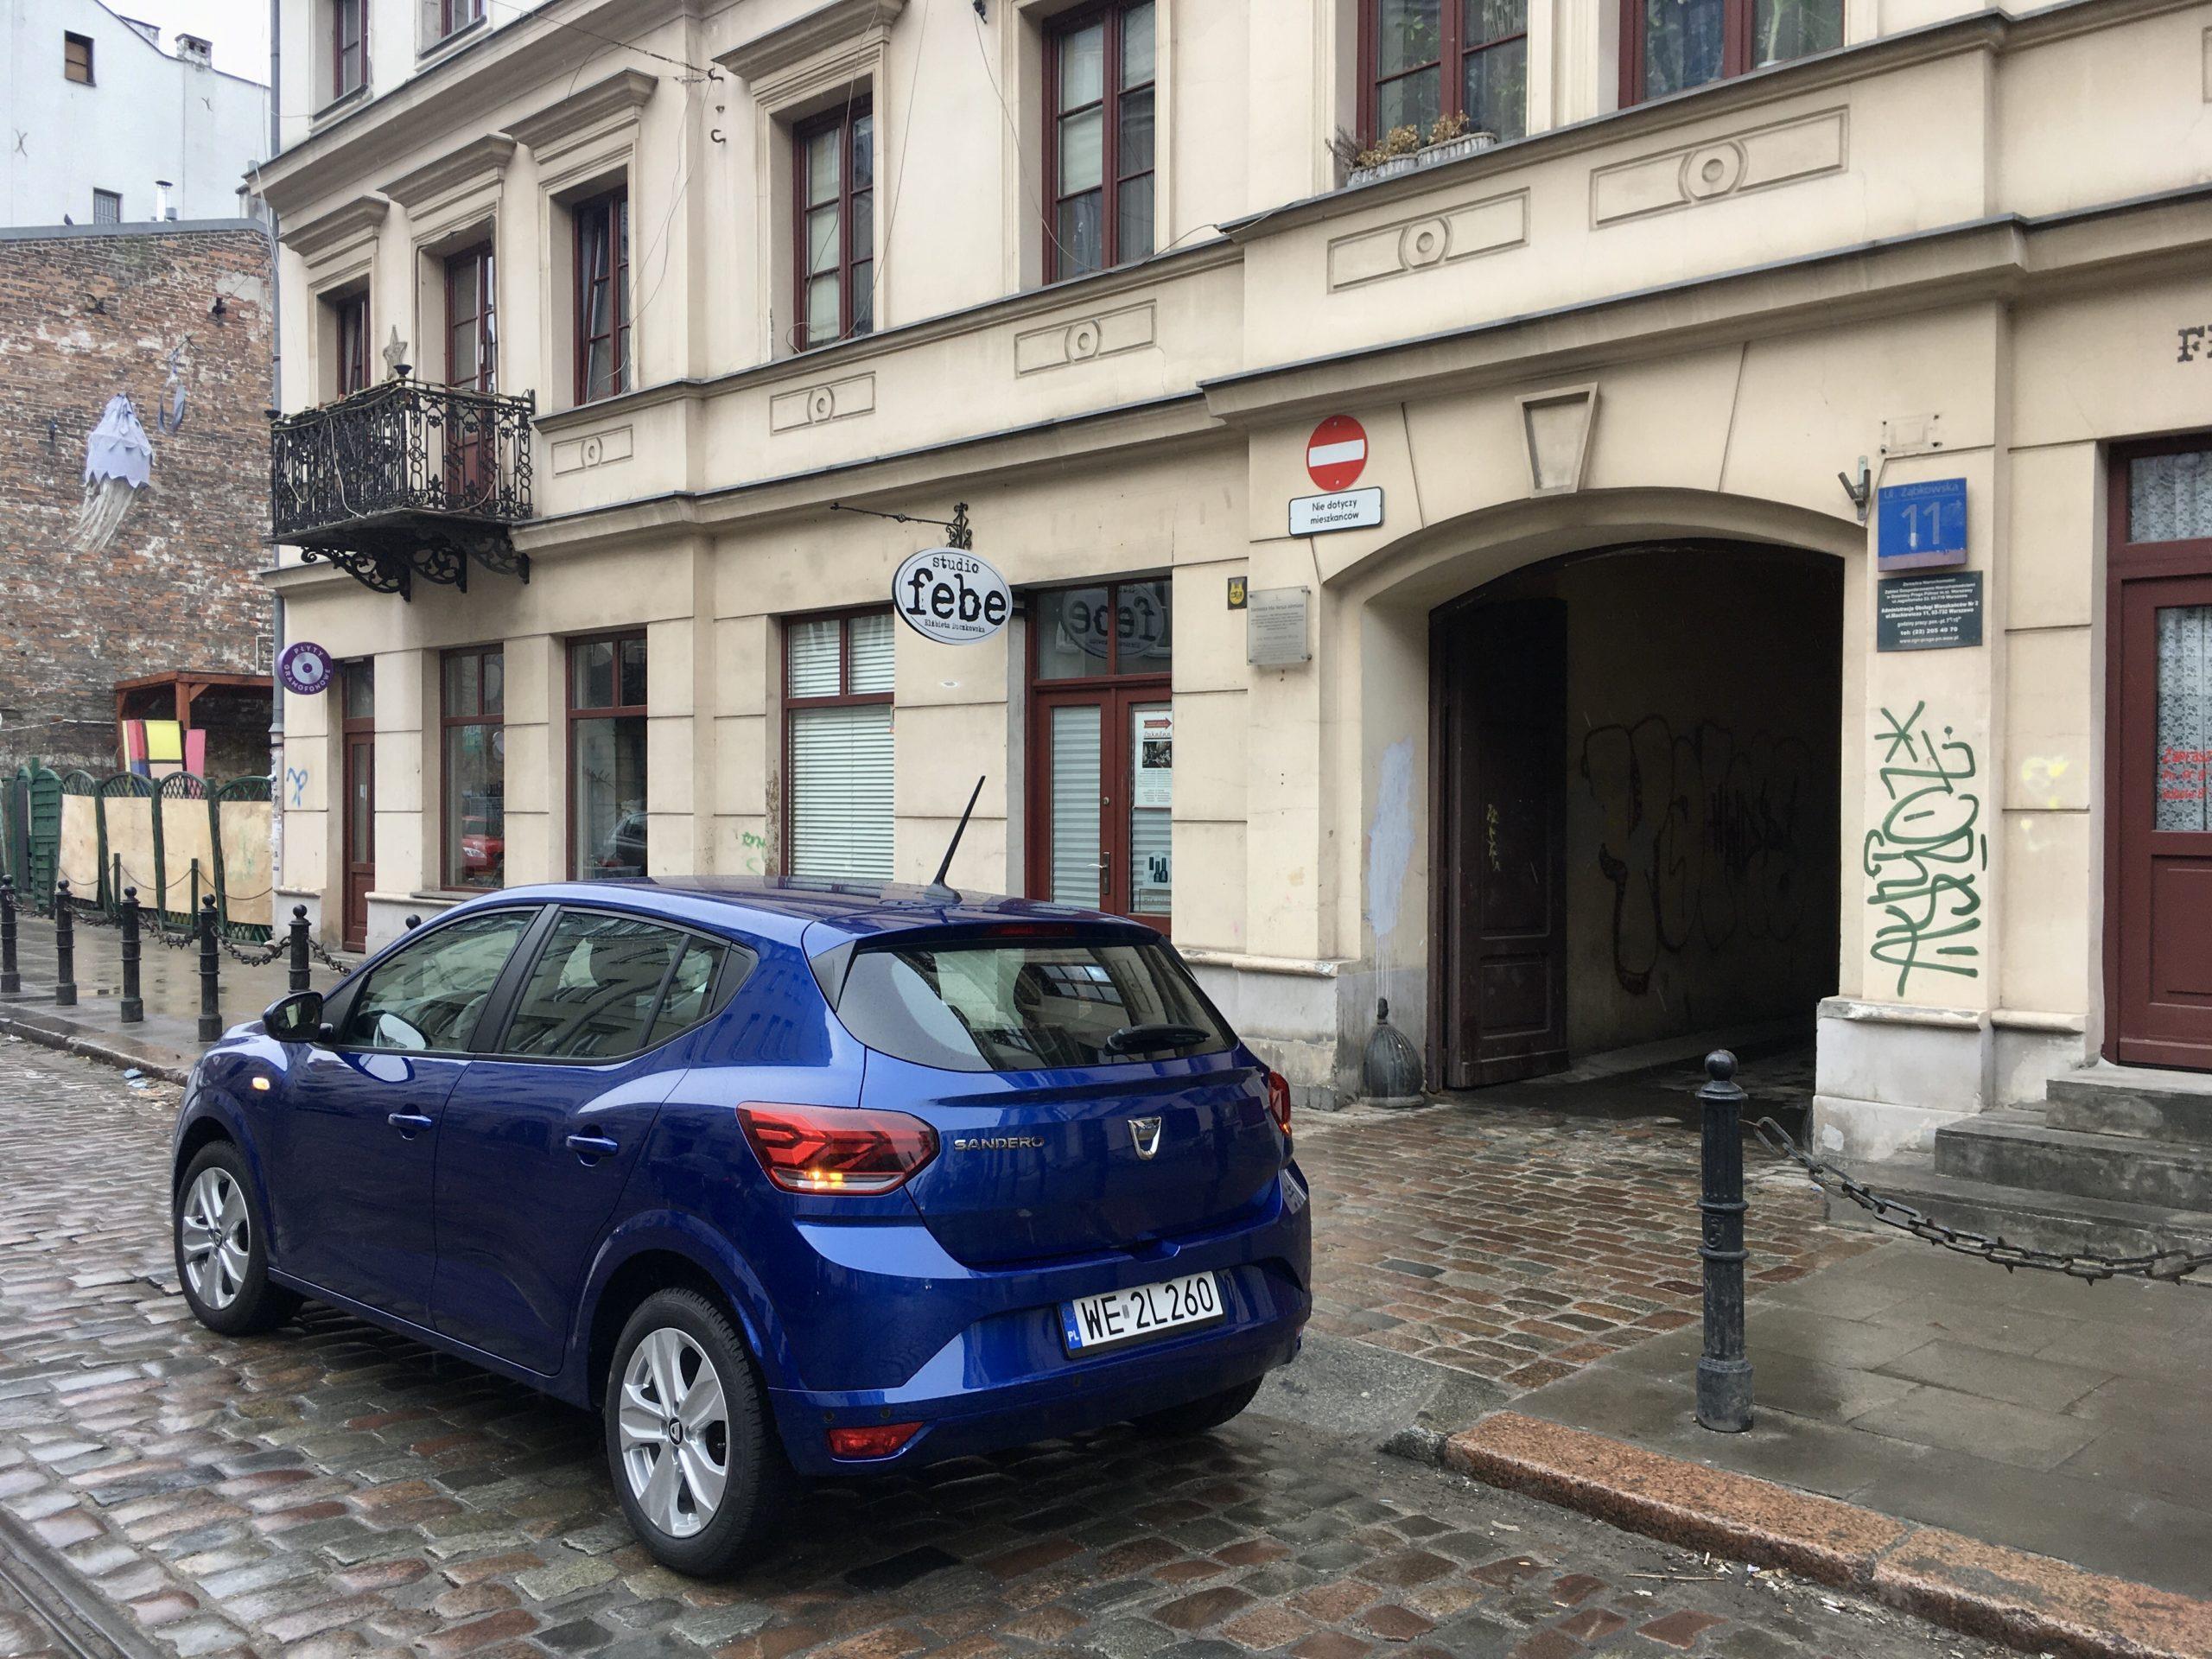 Dacia Sandero sprawdzi się w mieście i na trasie